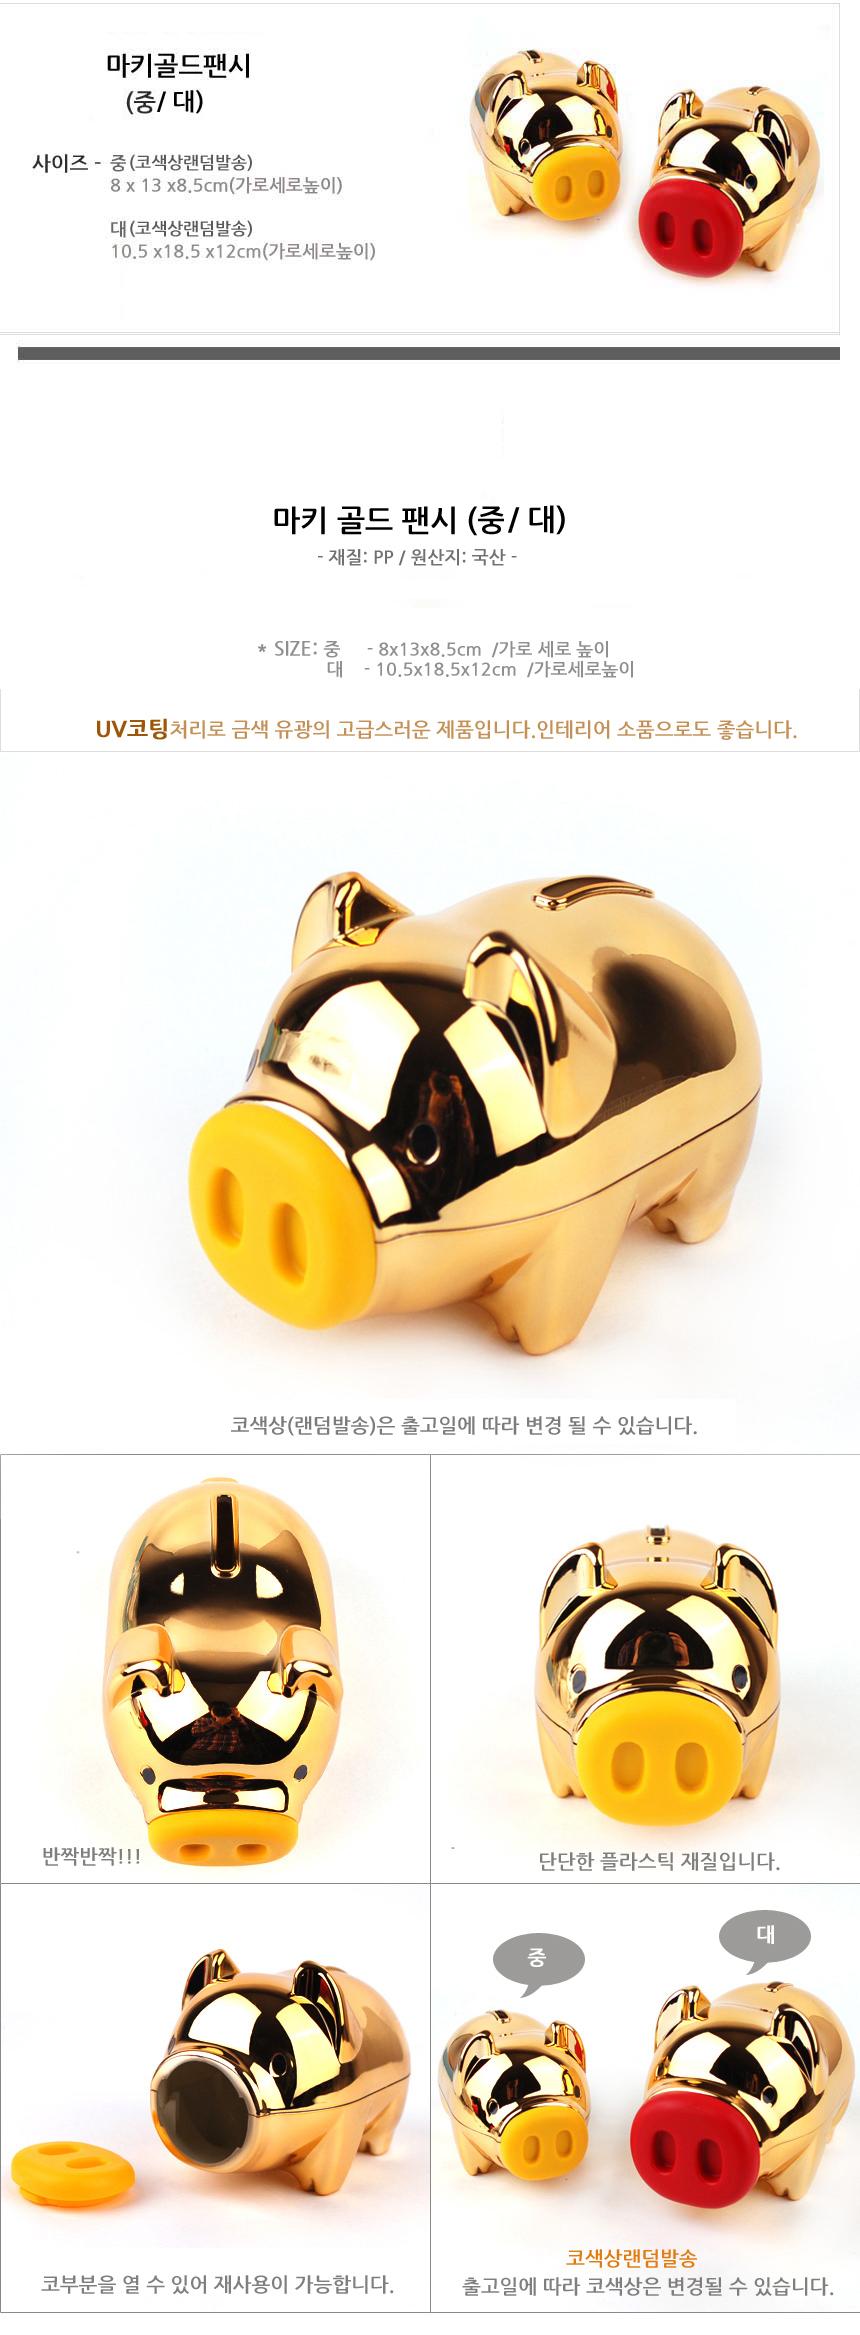 2019 기해년 황금돼지 저금통 골드금 - 갓샵, 5,400원, 데스크소품, 저금통